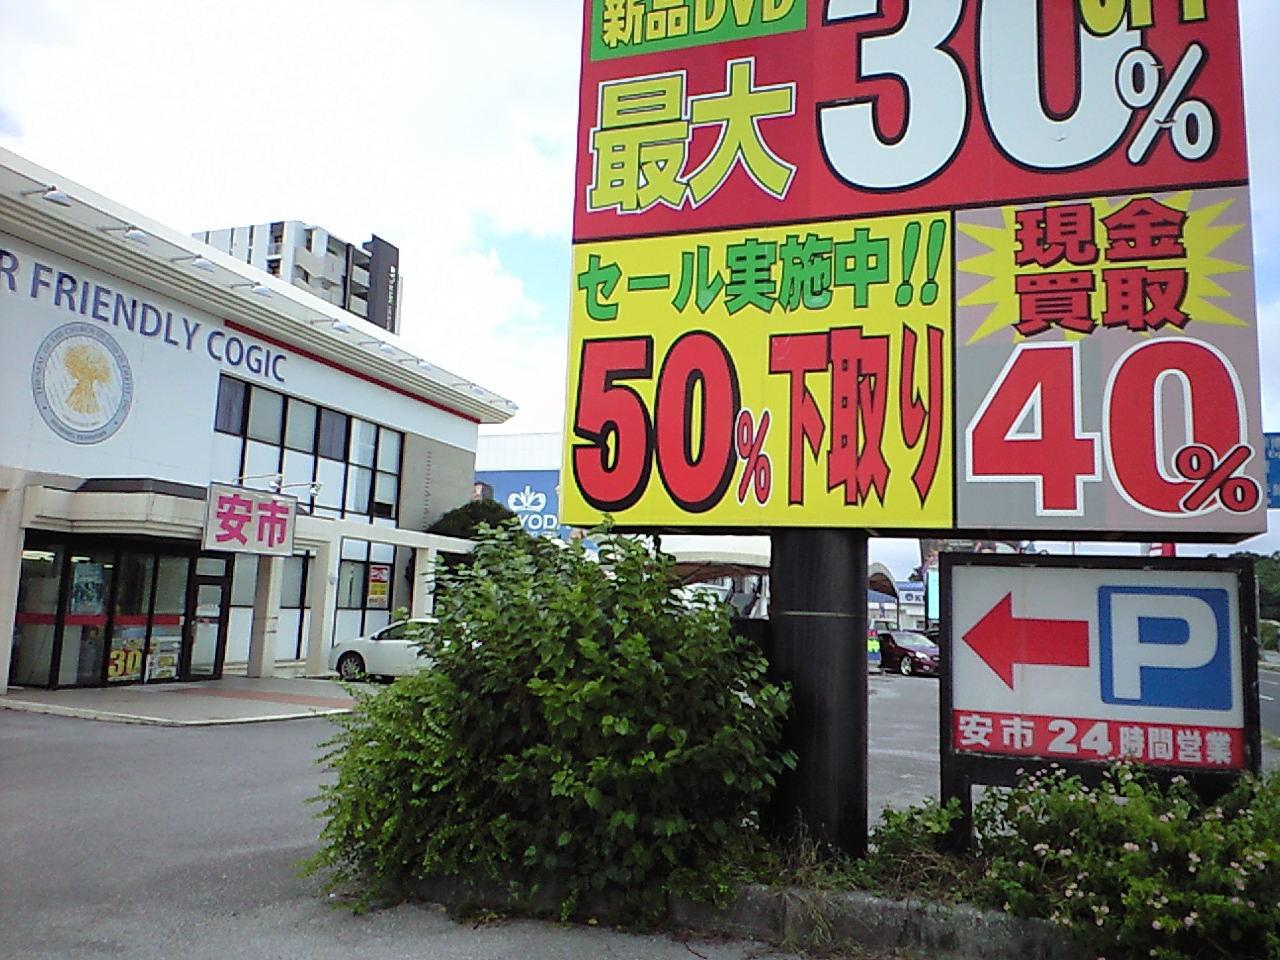 安市 ハンビー店